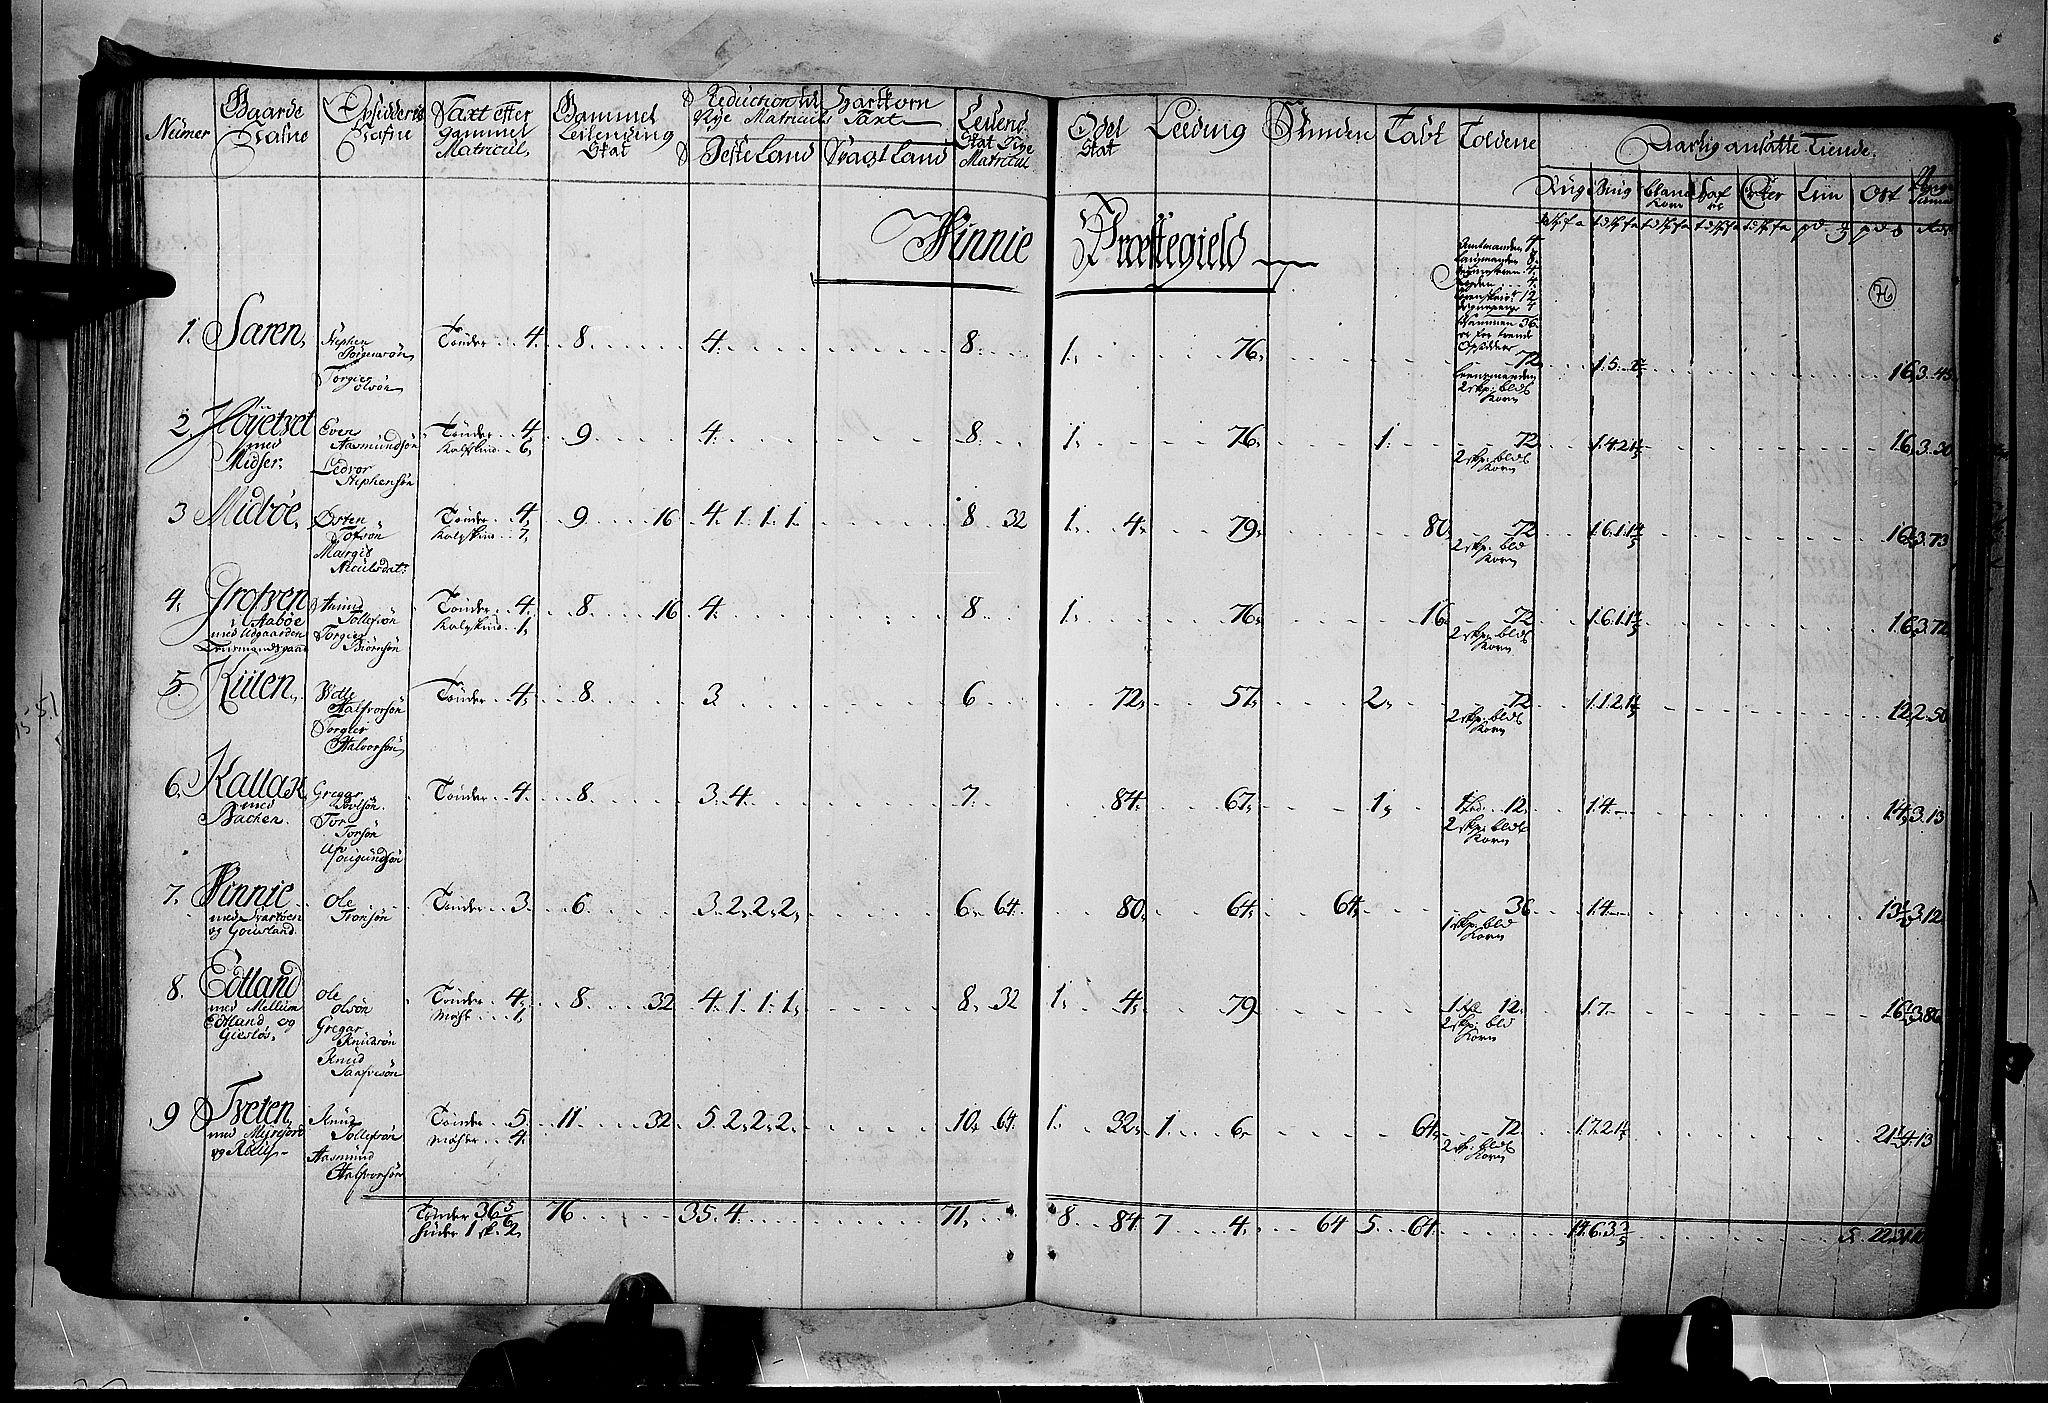 RA, Rentekammeret inntil 1814, Realistisk ordnet avdeling, N/Nb/Nbf/L0122: Øvre og Nedre Telemark matrikkelprotokoll, 1723, s. 75b-76a